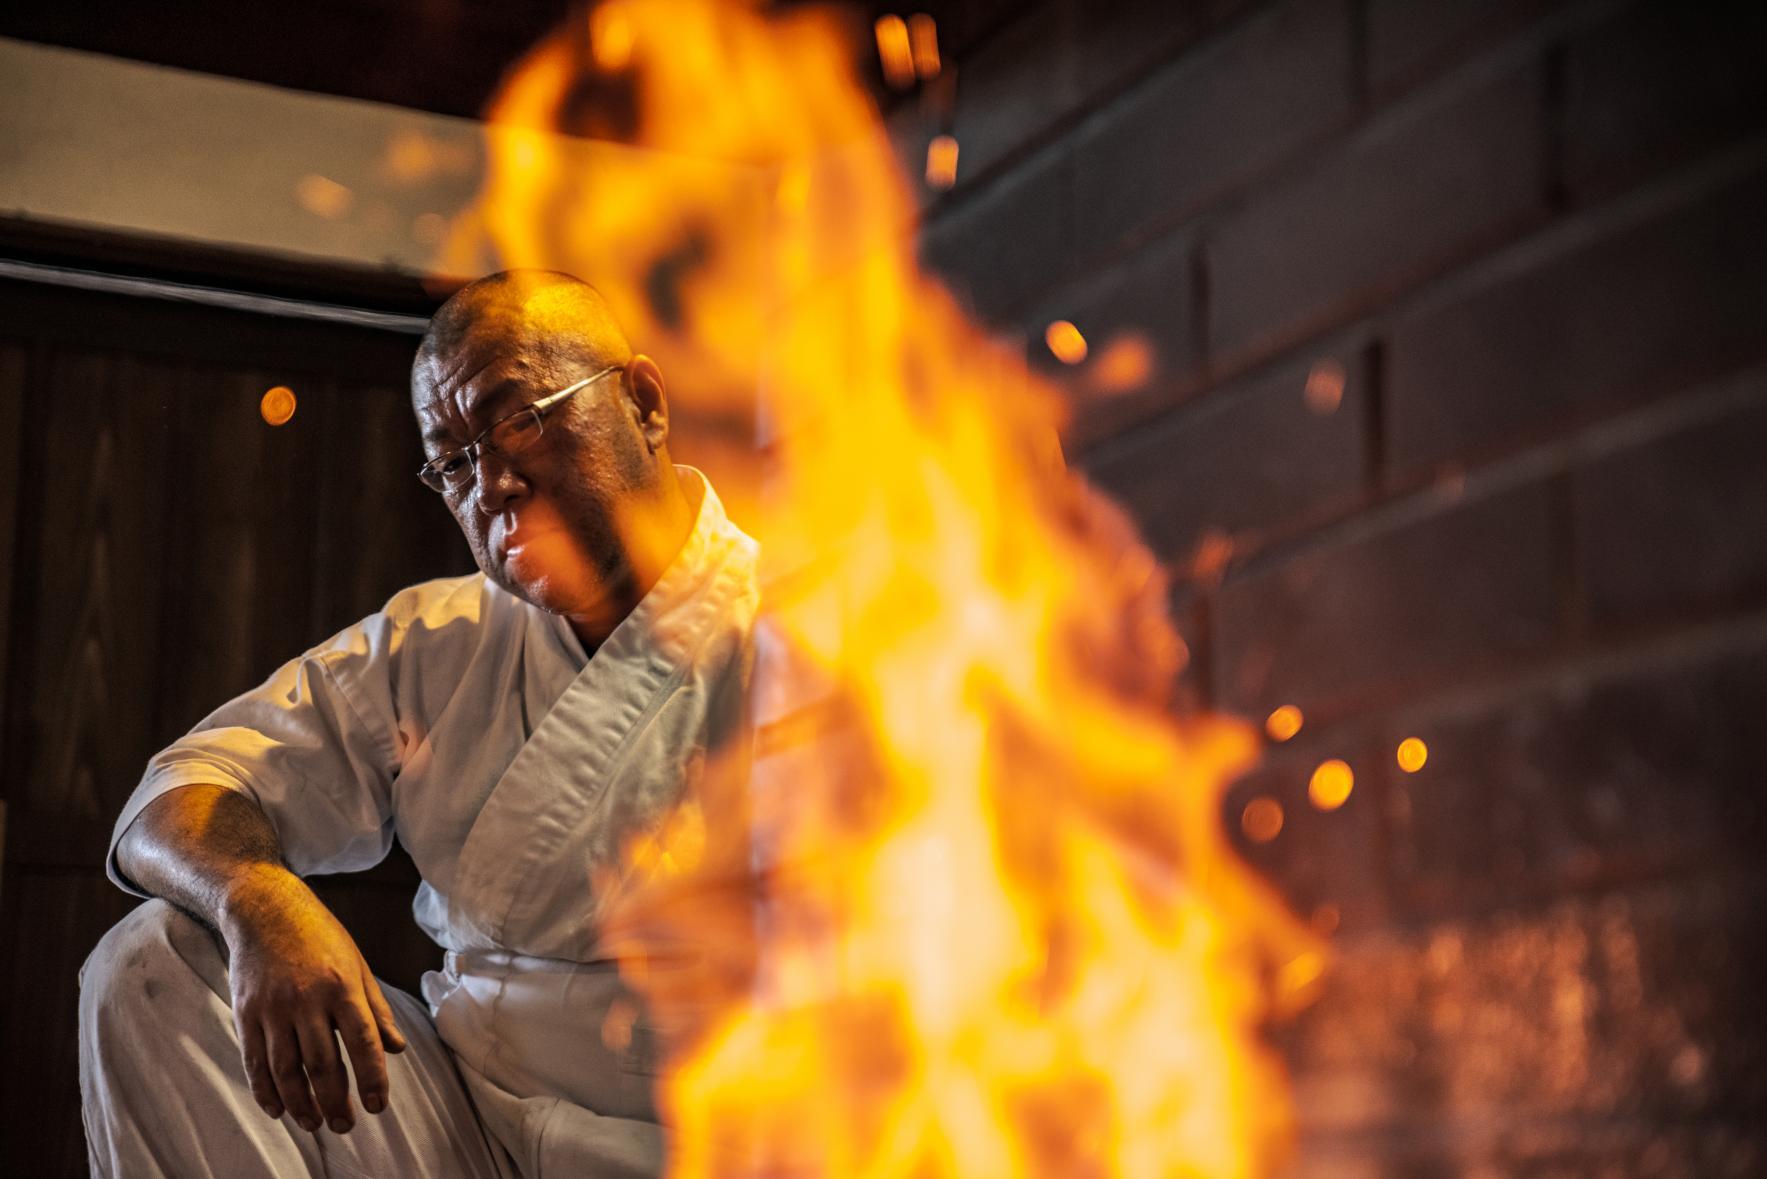 火花が散る大迫力の古式鍛錬-0